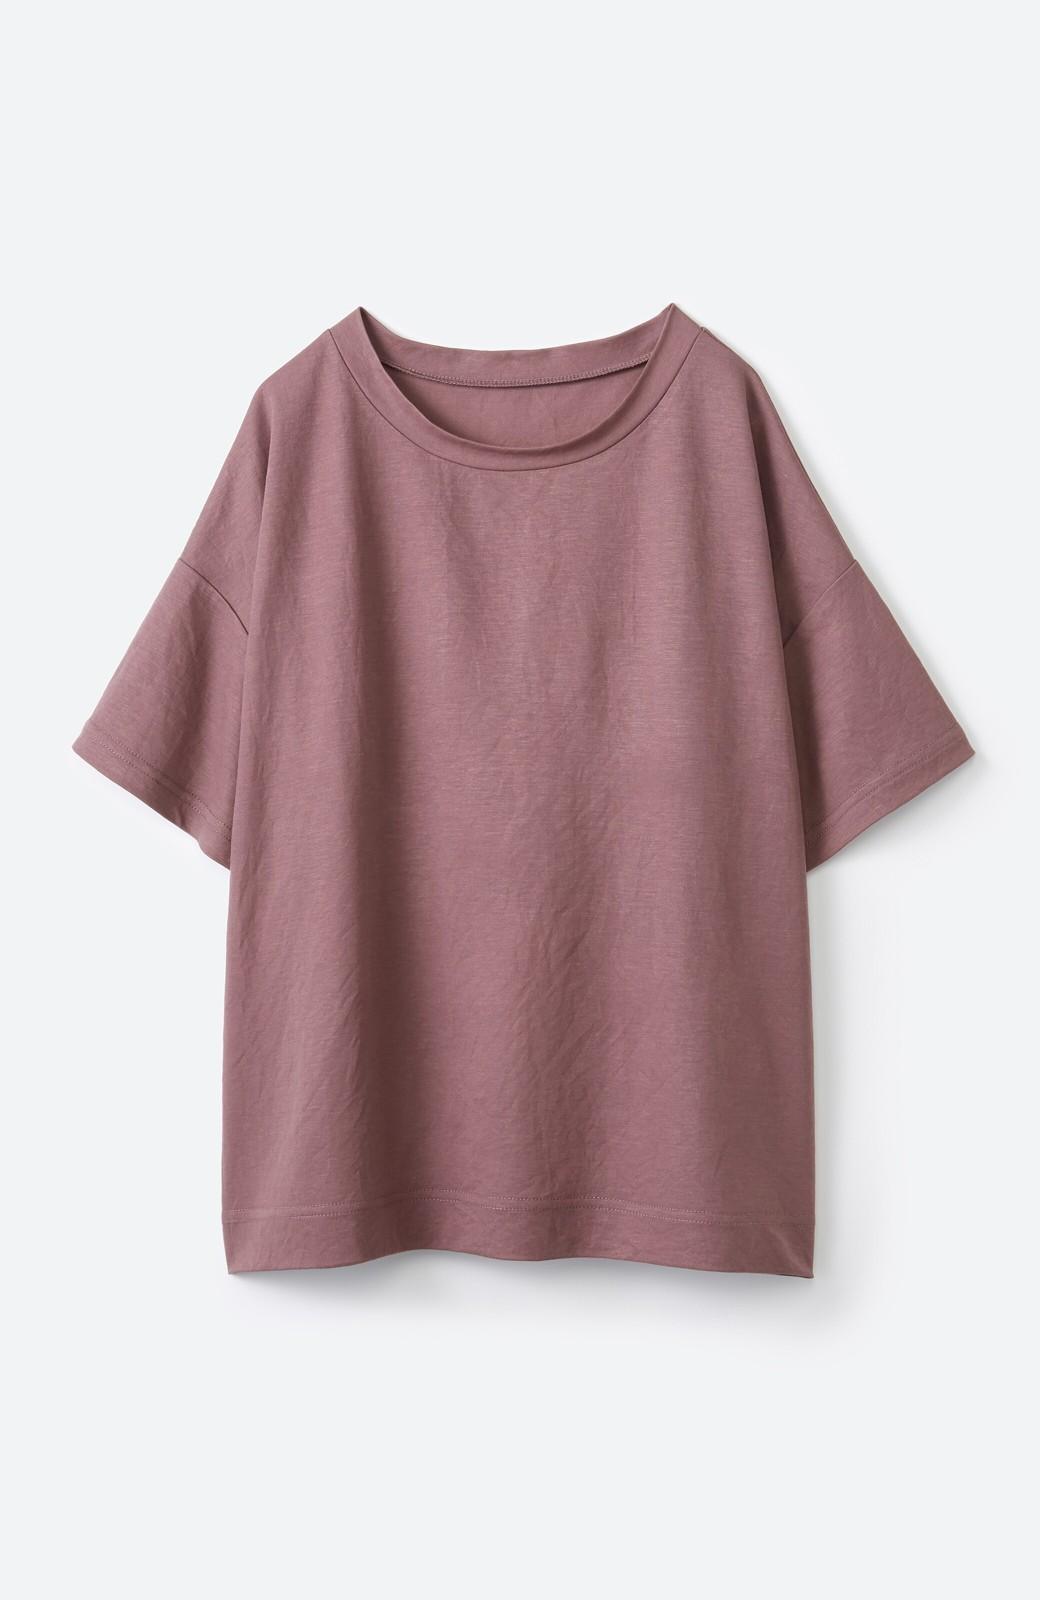 haco! カジュアル&きれいめバランスがちょうどいい!さらりと心地いい大人Tシャツ <スモークピンク>の商品写真14